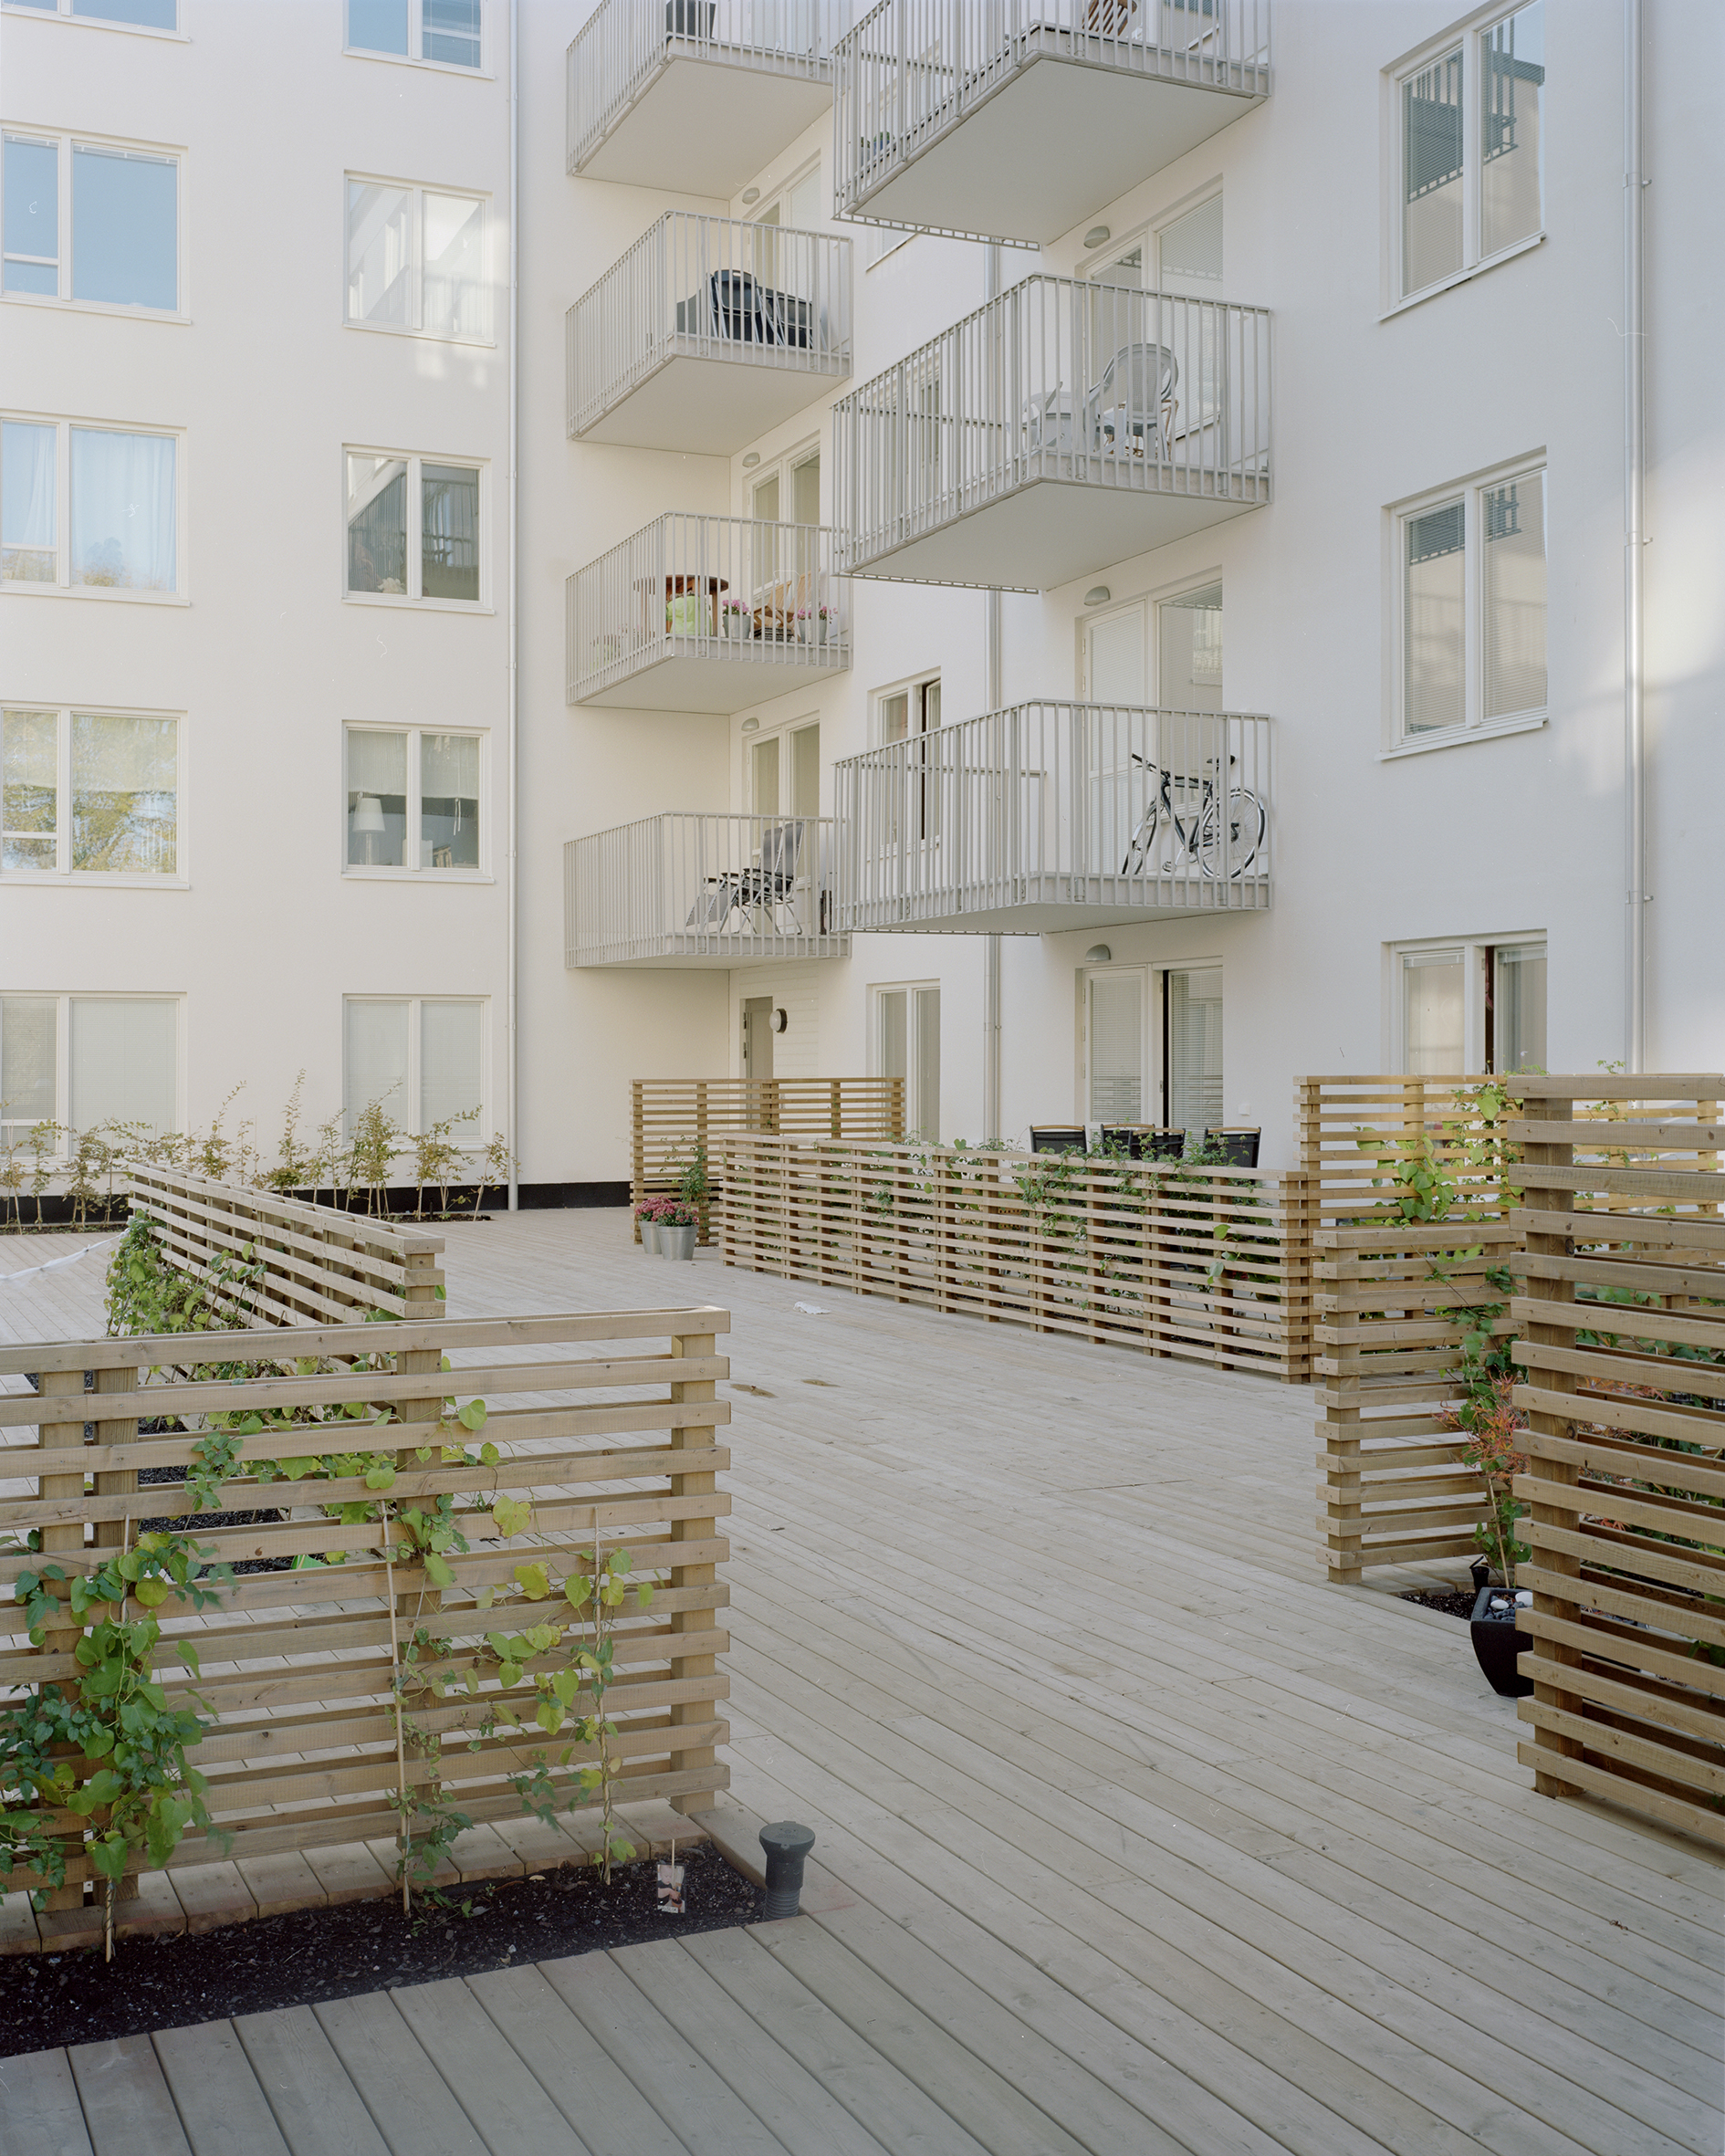 wooden walkway between apartments